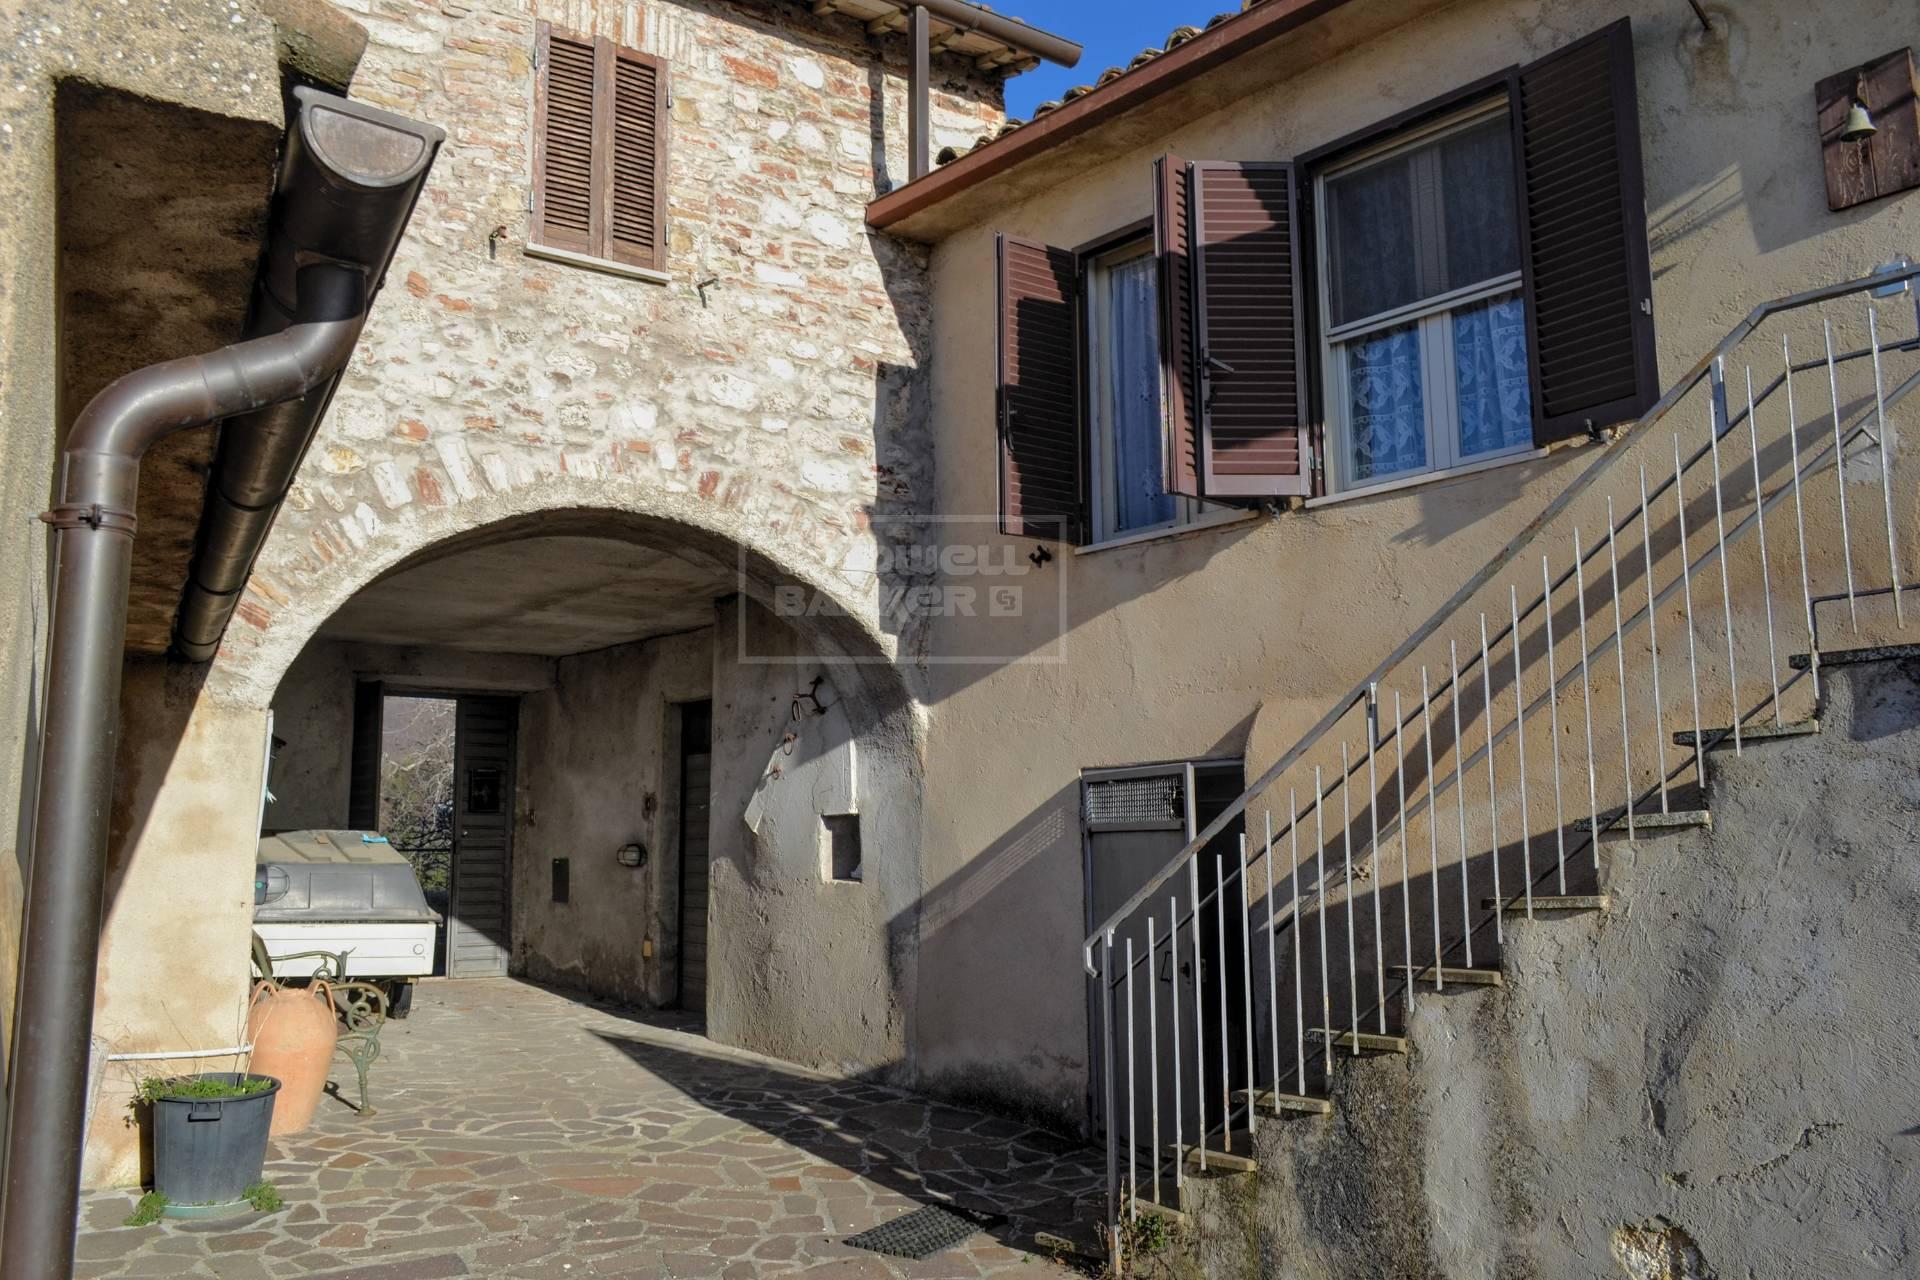 Cbi057 316 roviglieto casa semindipendente in vendita a for Affitto appartamento arredato foligno